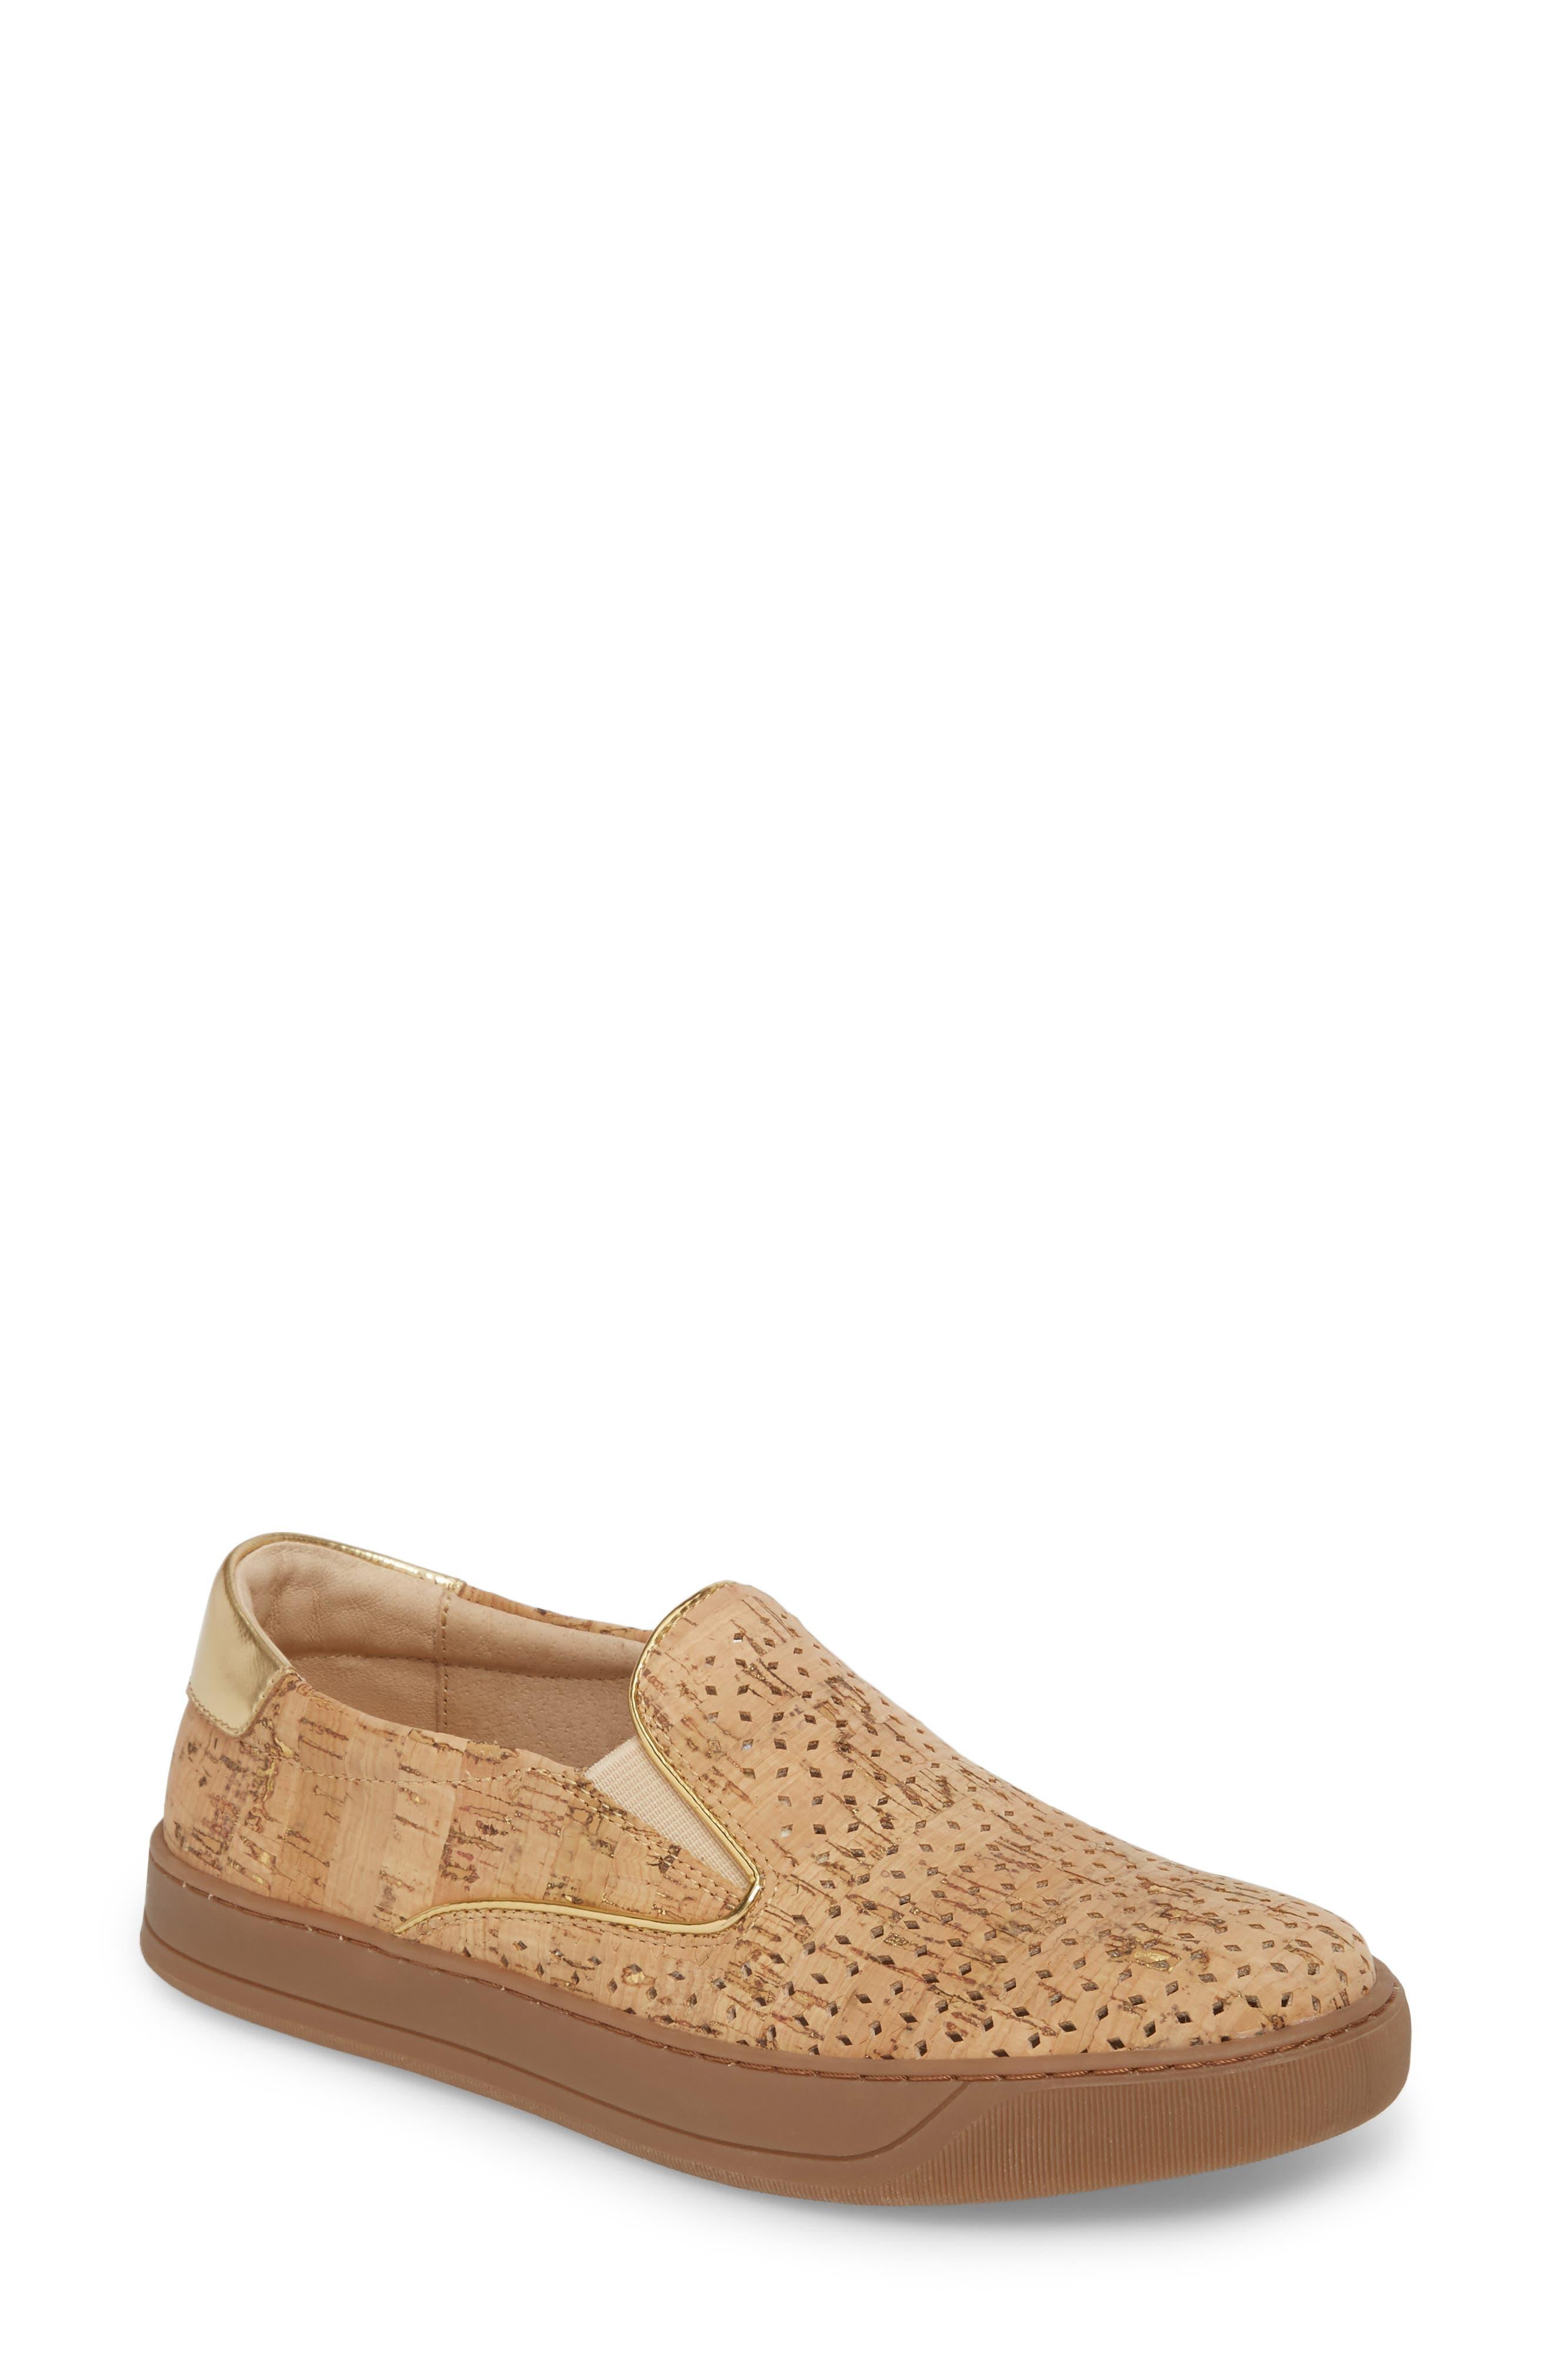 Johnston & Murphy Elaine Slip-On Sneaker, Beige